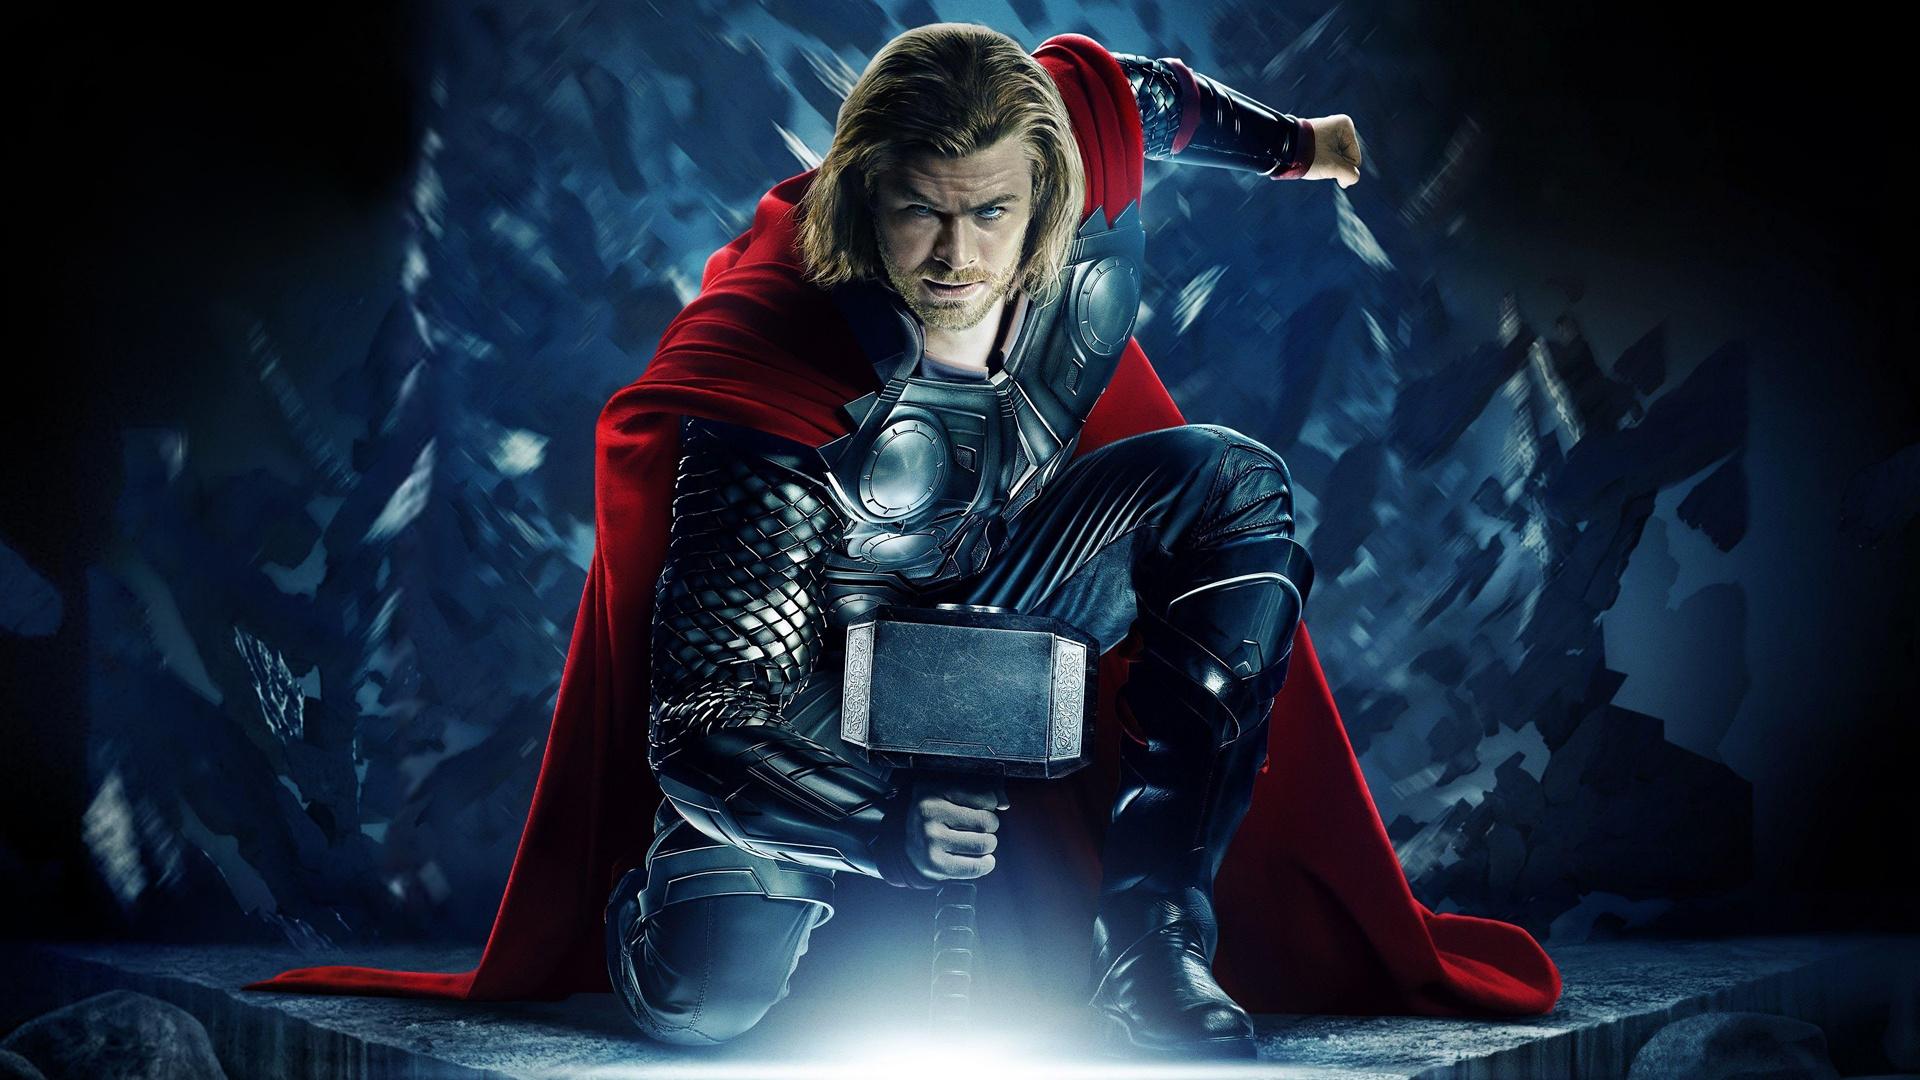 THOR avengers marvel superhero - 700.3KB